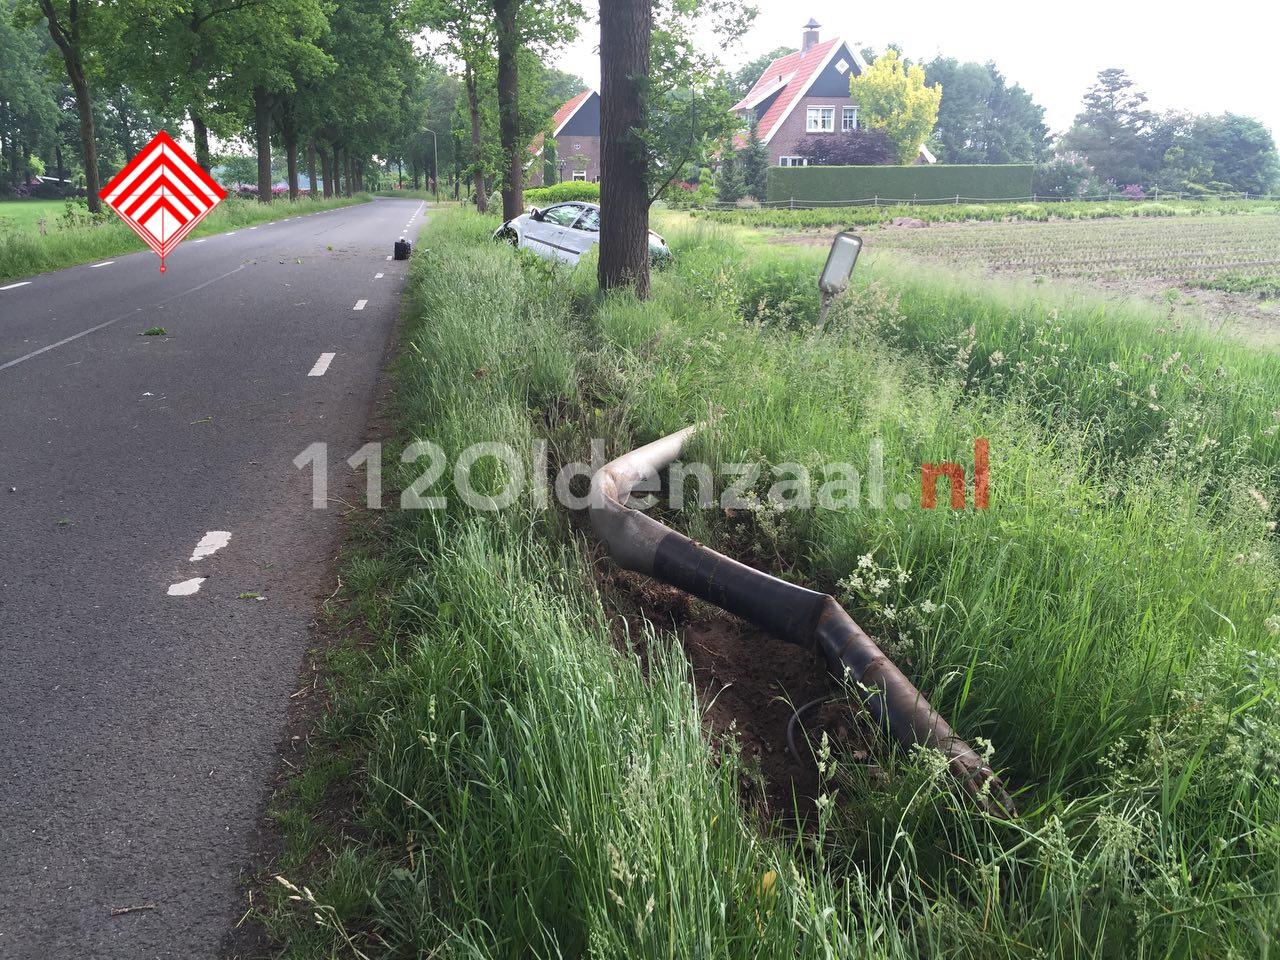 Foto 3: Vrouw gewond bij eenzijdige aanrijding in Beuningen, auto belandt in sloot